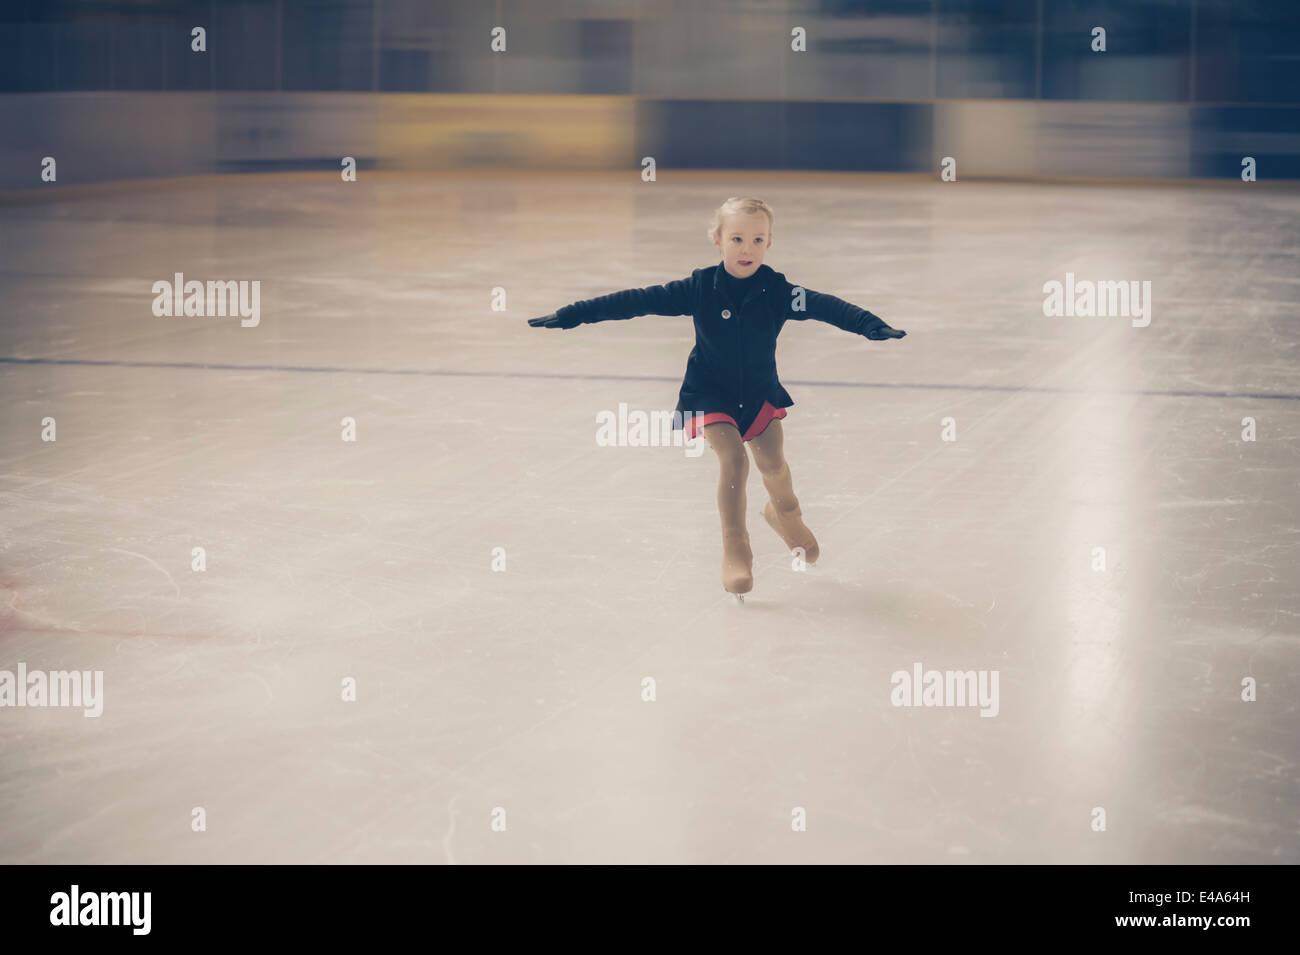 Junge weibliche Abbildung Skater Eisbahn im Wettbewerb weiter Stockbild